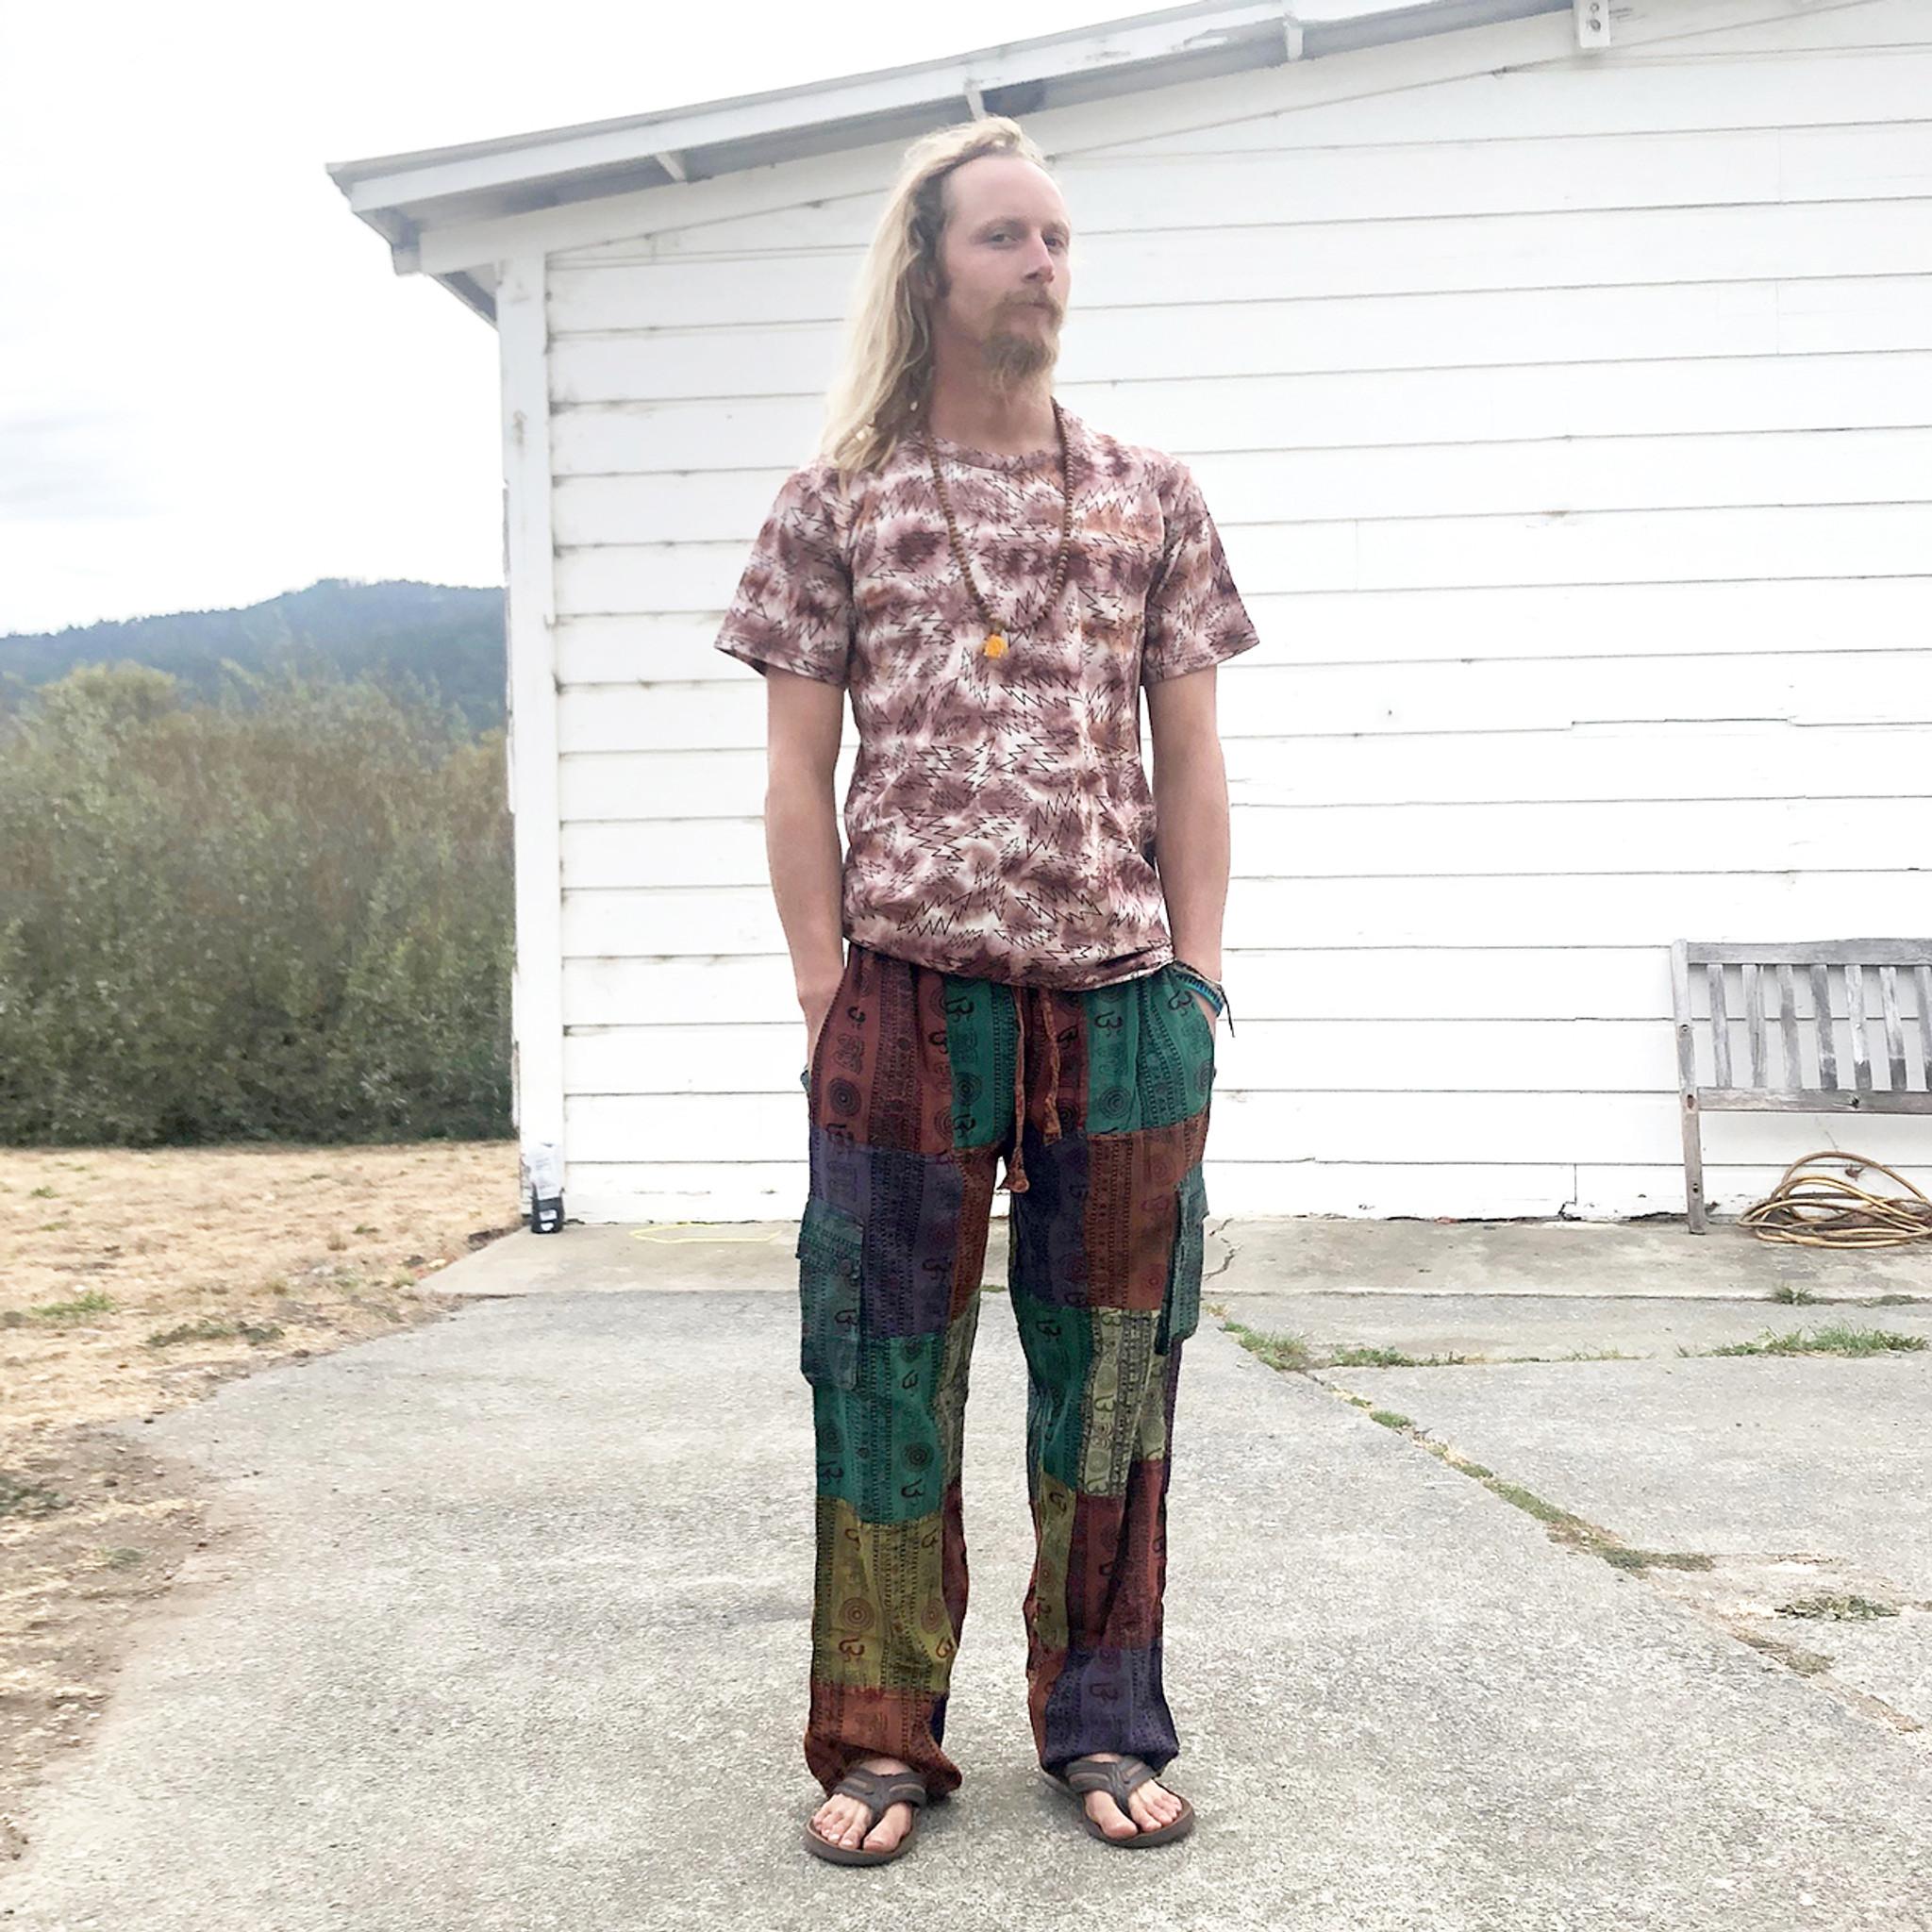 AMAN PANTS Cotton Stonewash Ohm Print Patchwork Men's Cargo Pants